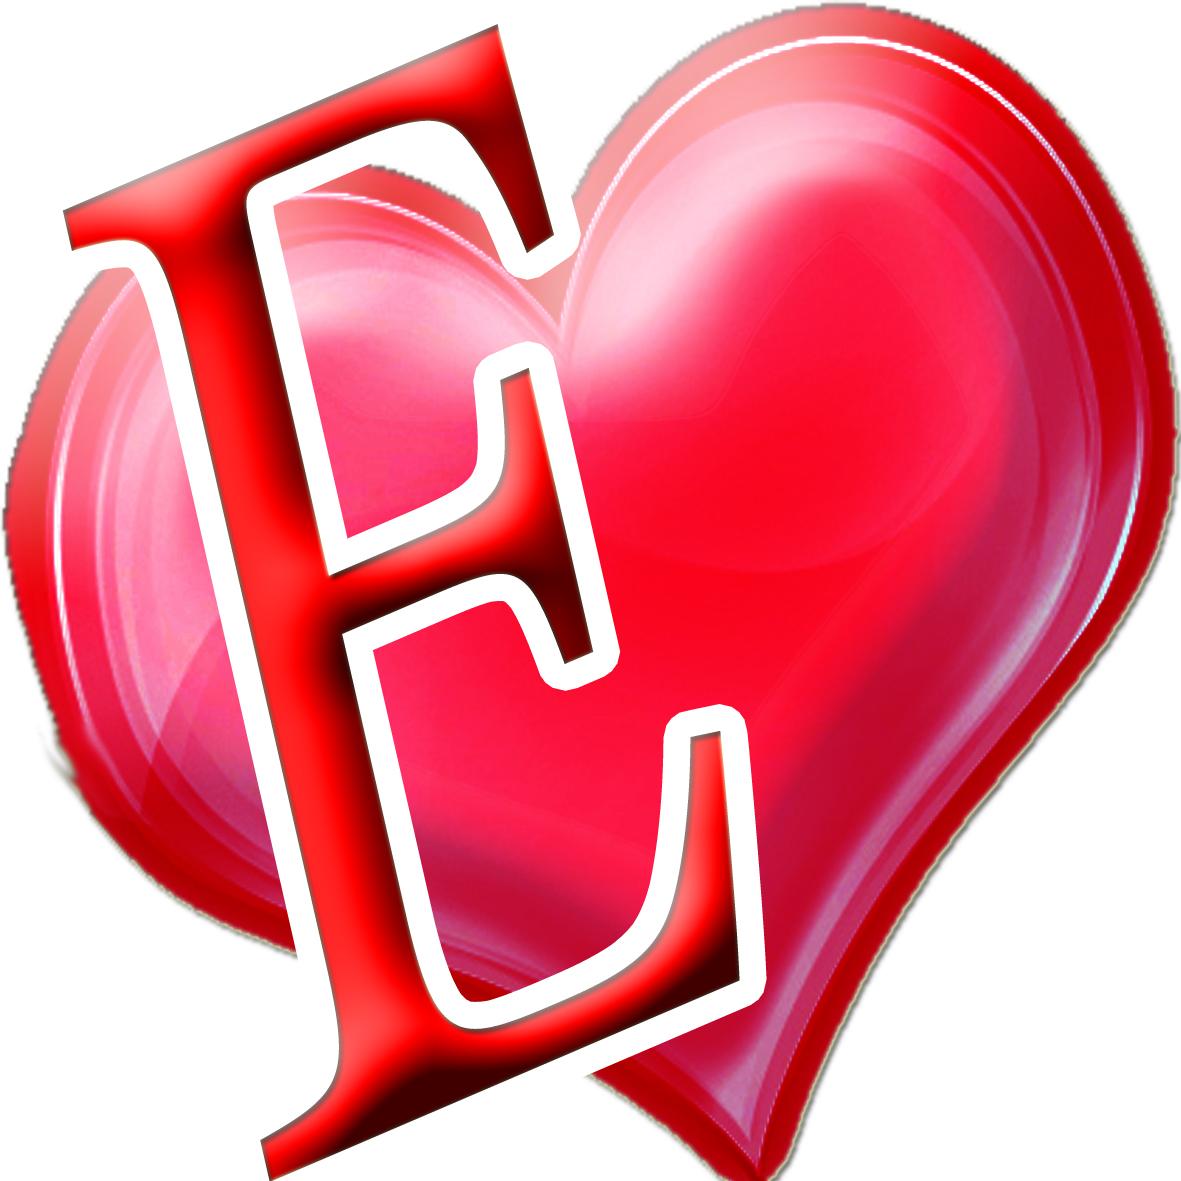 حرف E على شكل قلب اجمل خلفيات 4 2